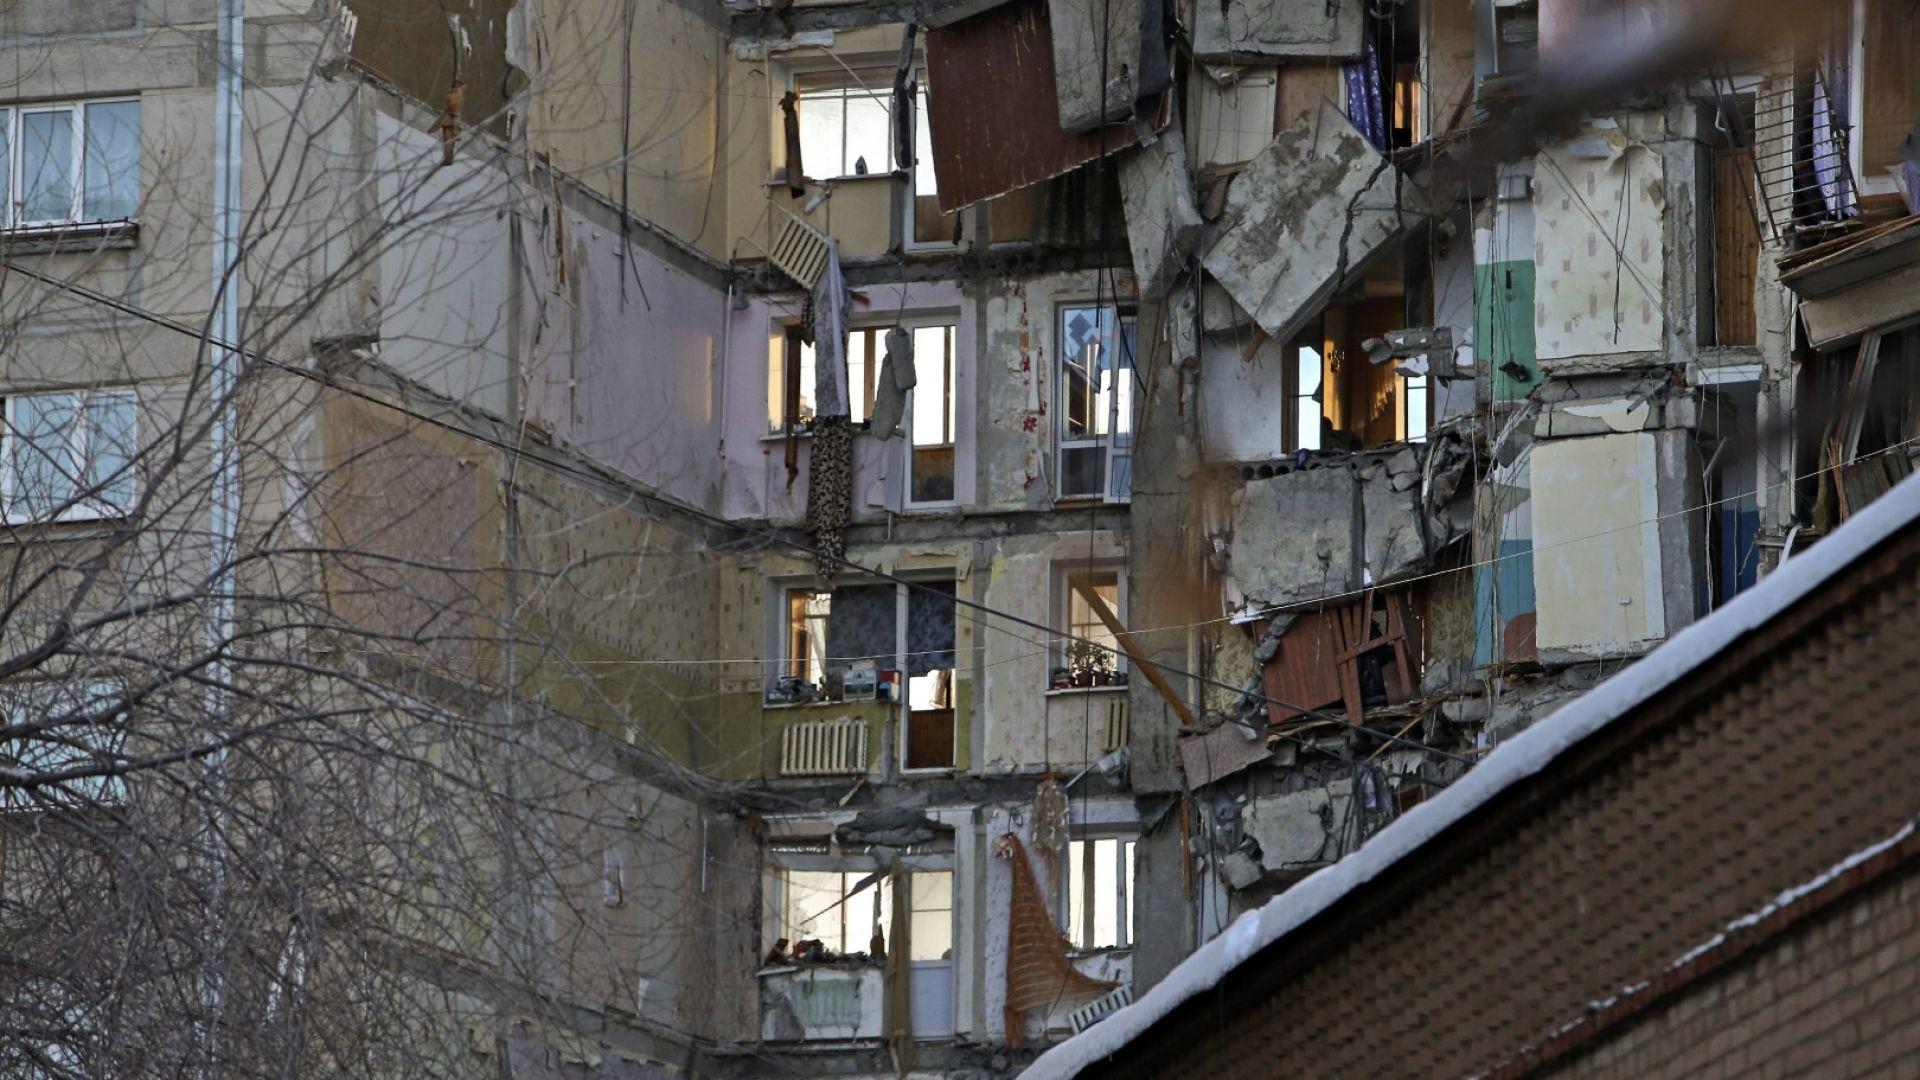 Първа версия за срутването в Магнитогорск - панелните връзки не са издържали след трусове